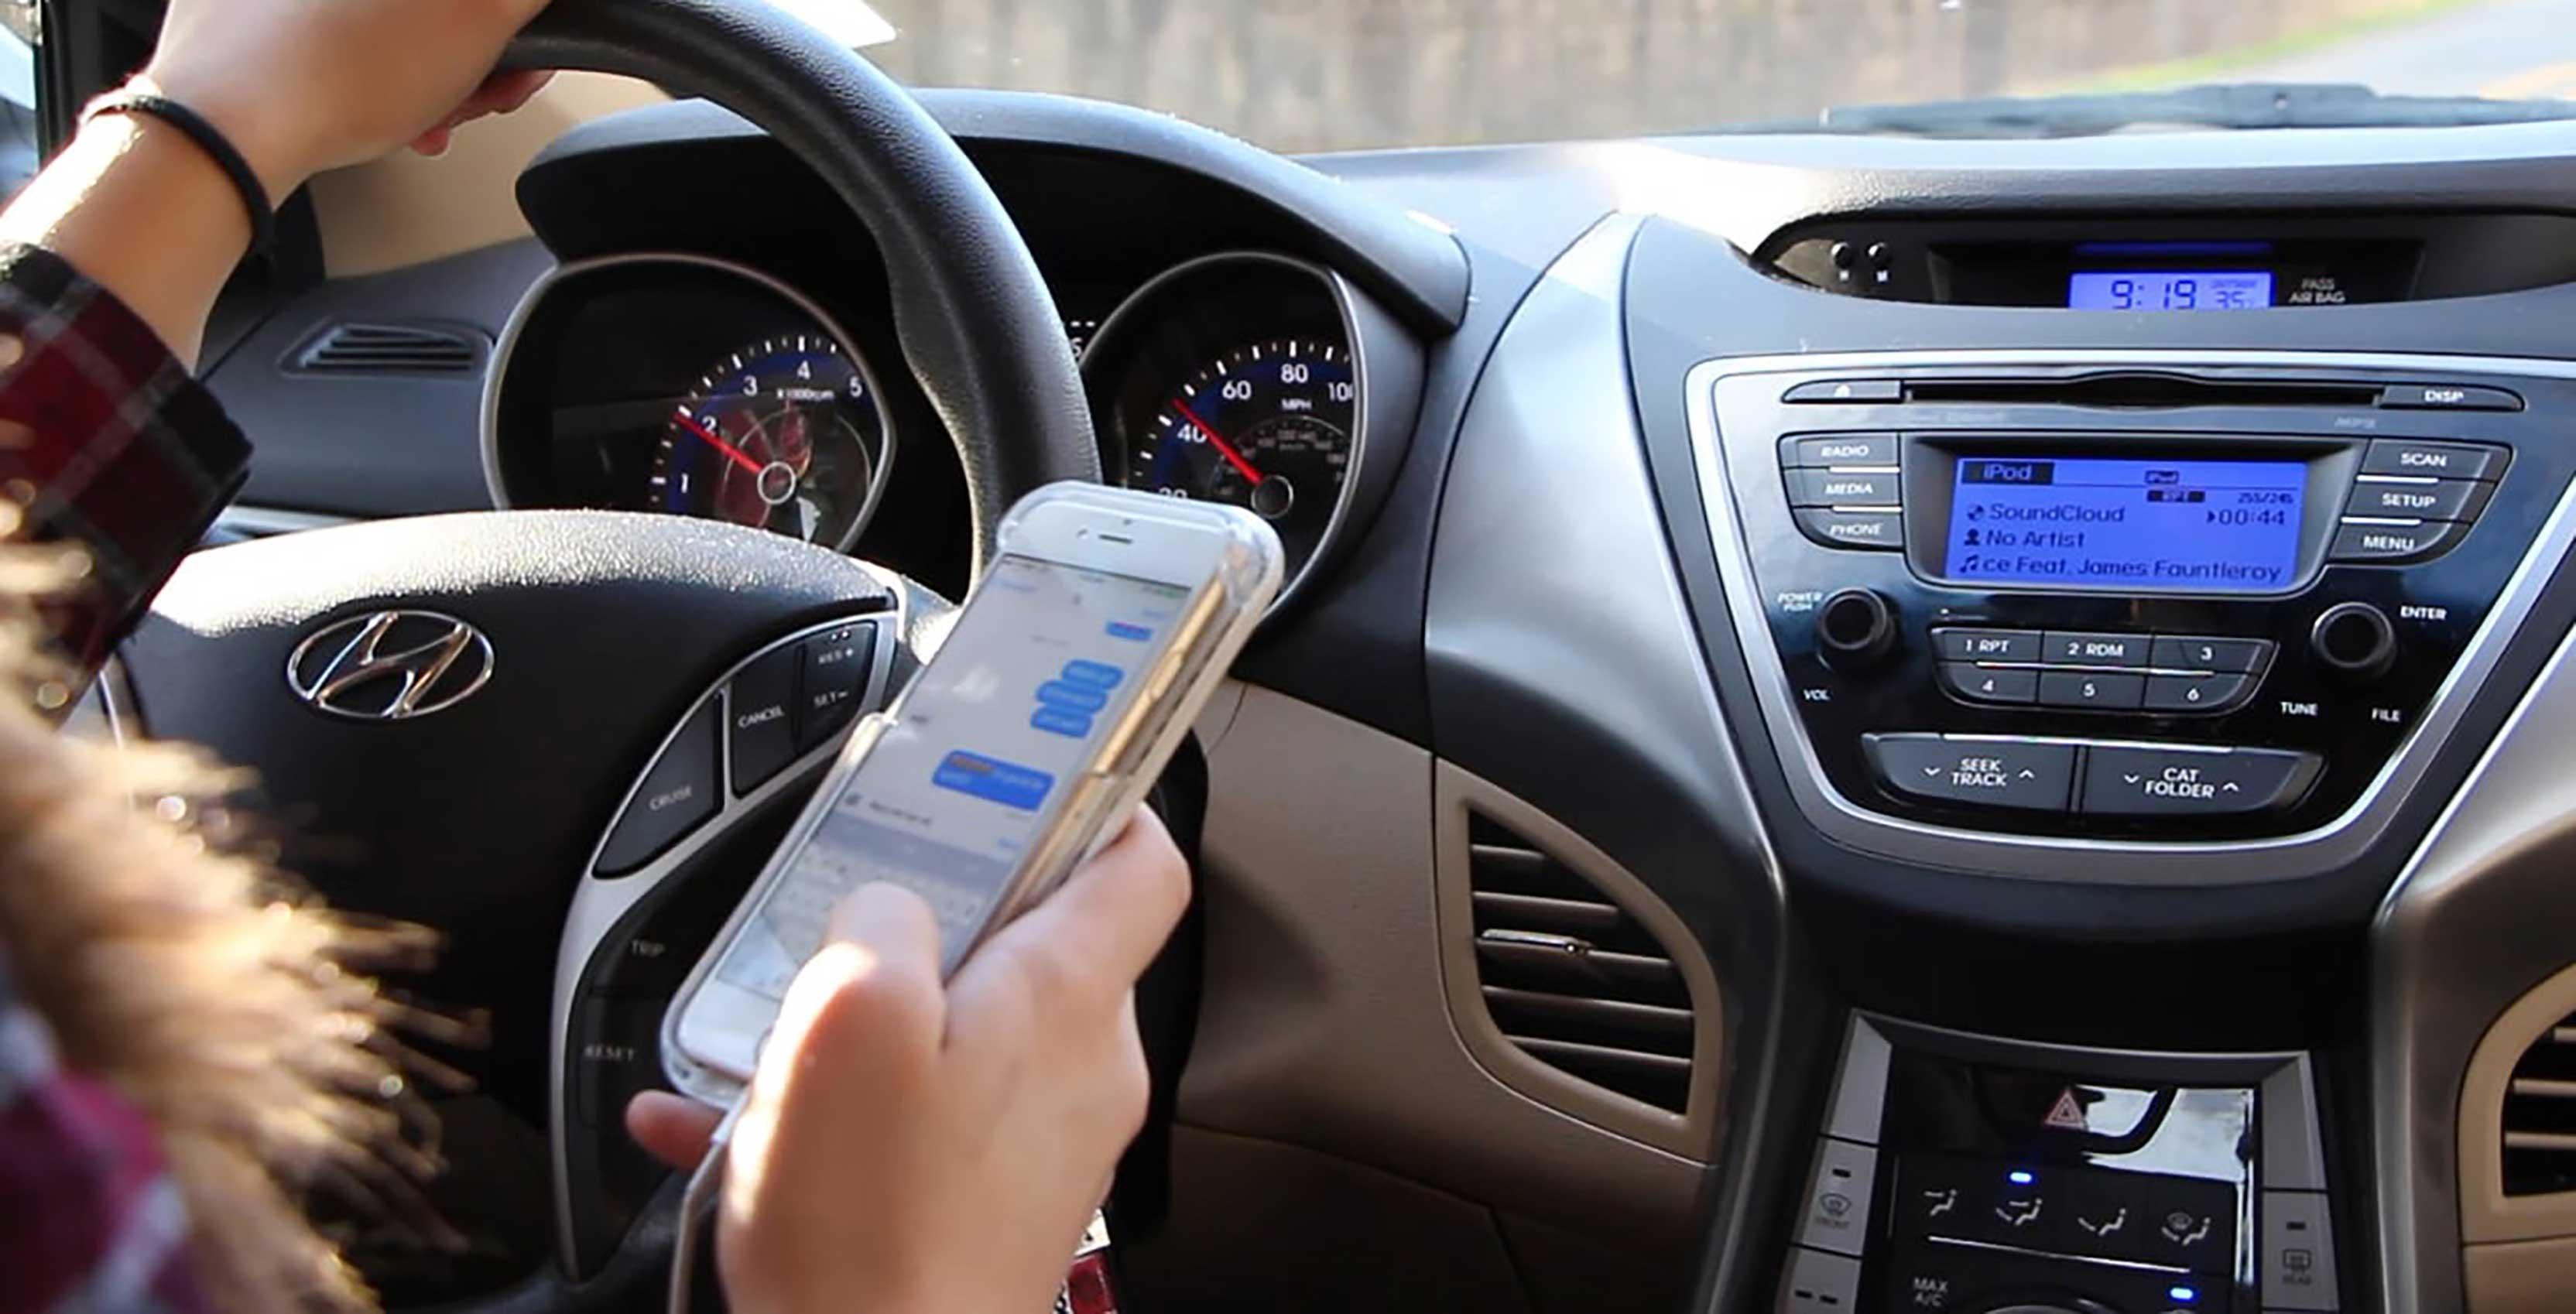 woman using phone behind steering wheel